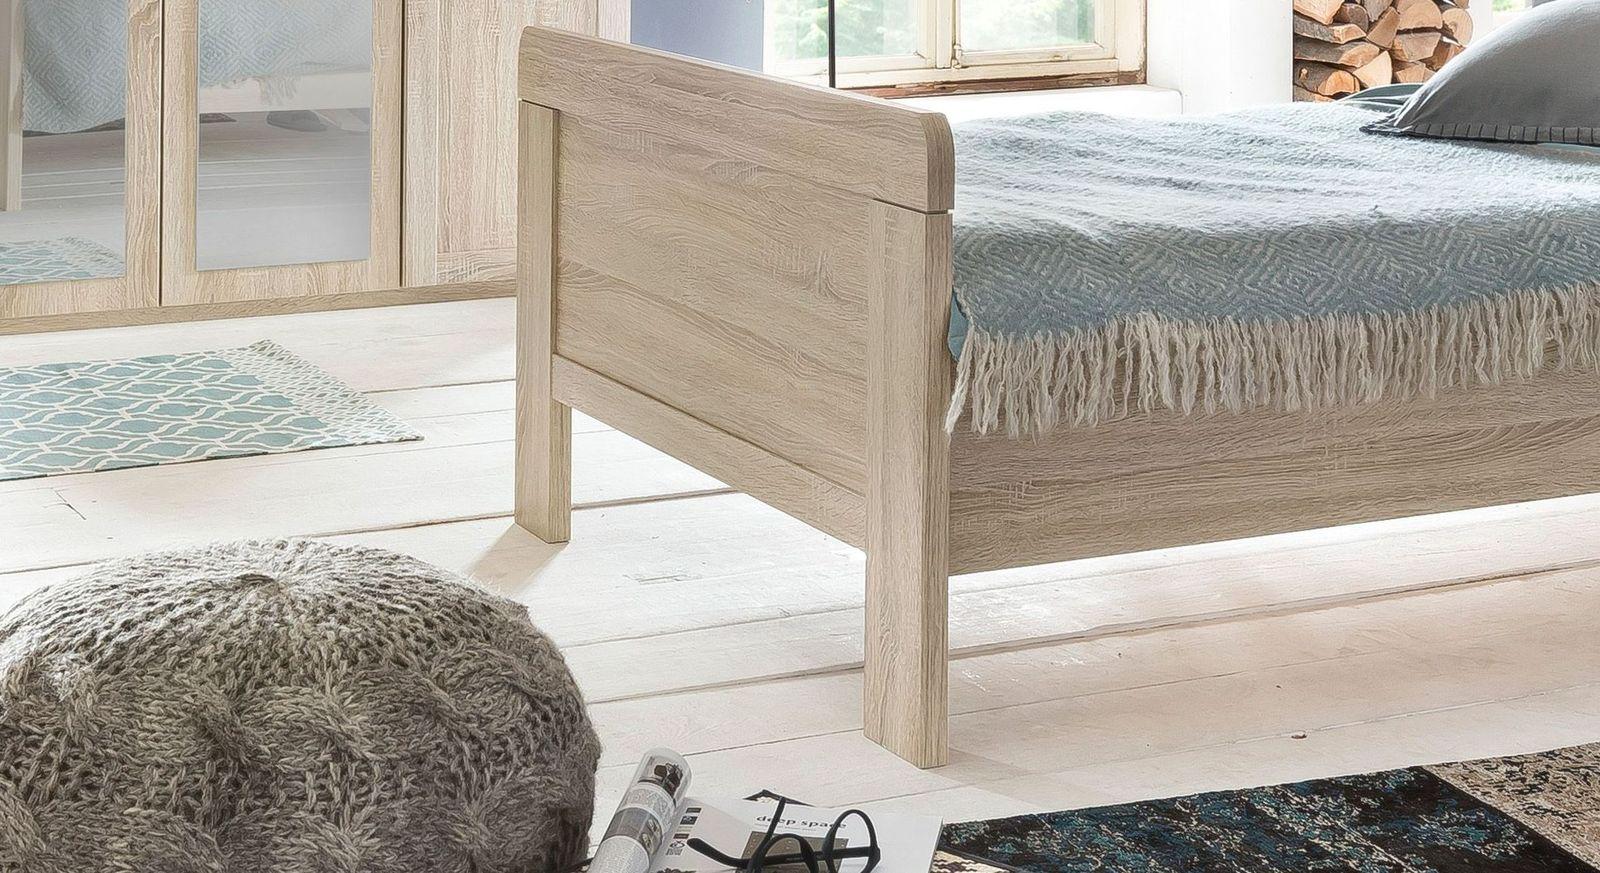 Preiswertes Komfort-Einzelbett Sinello mit hohem Fußteil